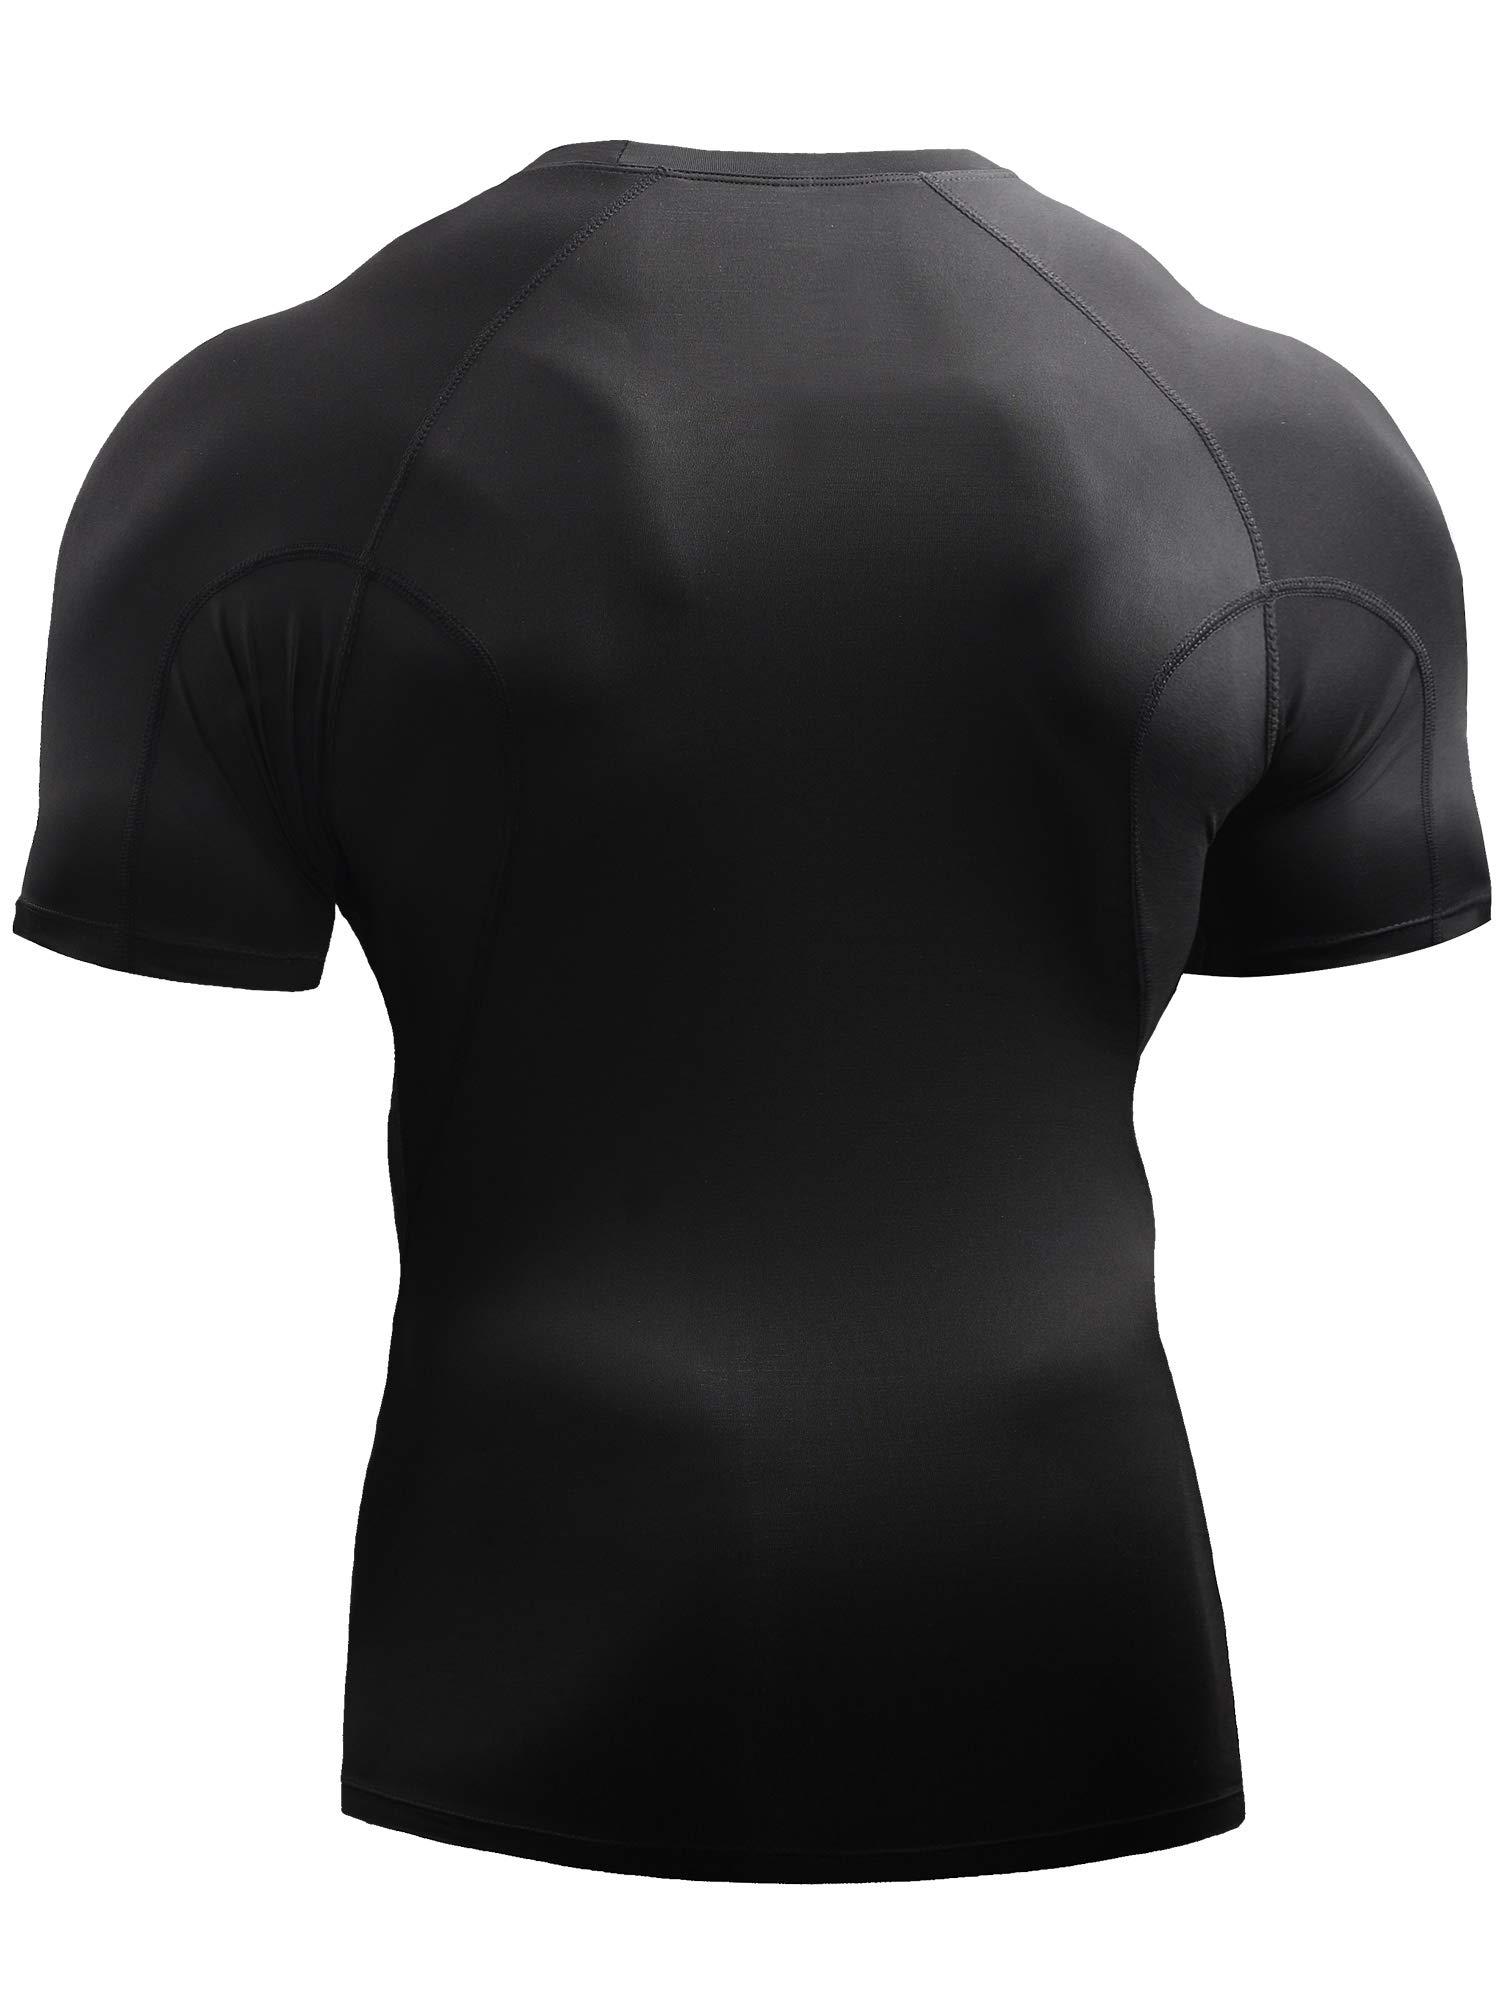 Neleus Men's 3 Pack Compression Baselayer Athletic Workout T Shirts,5022,Black,Black,Black,US S,EU M by Neleus (Image #7)